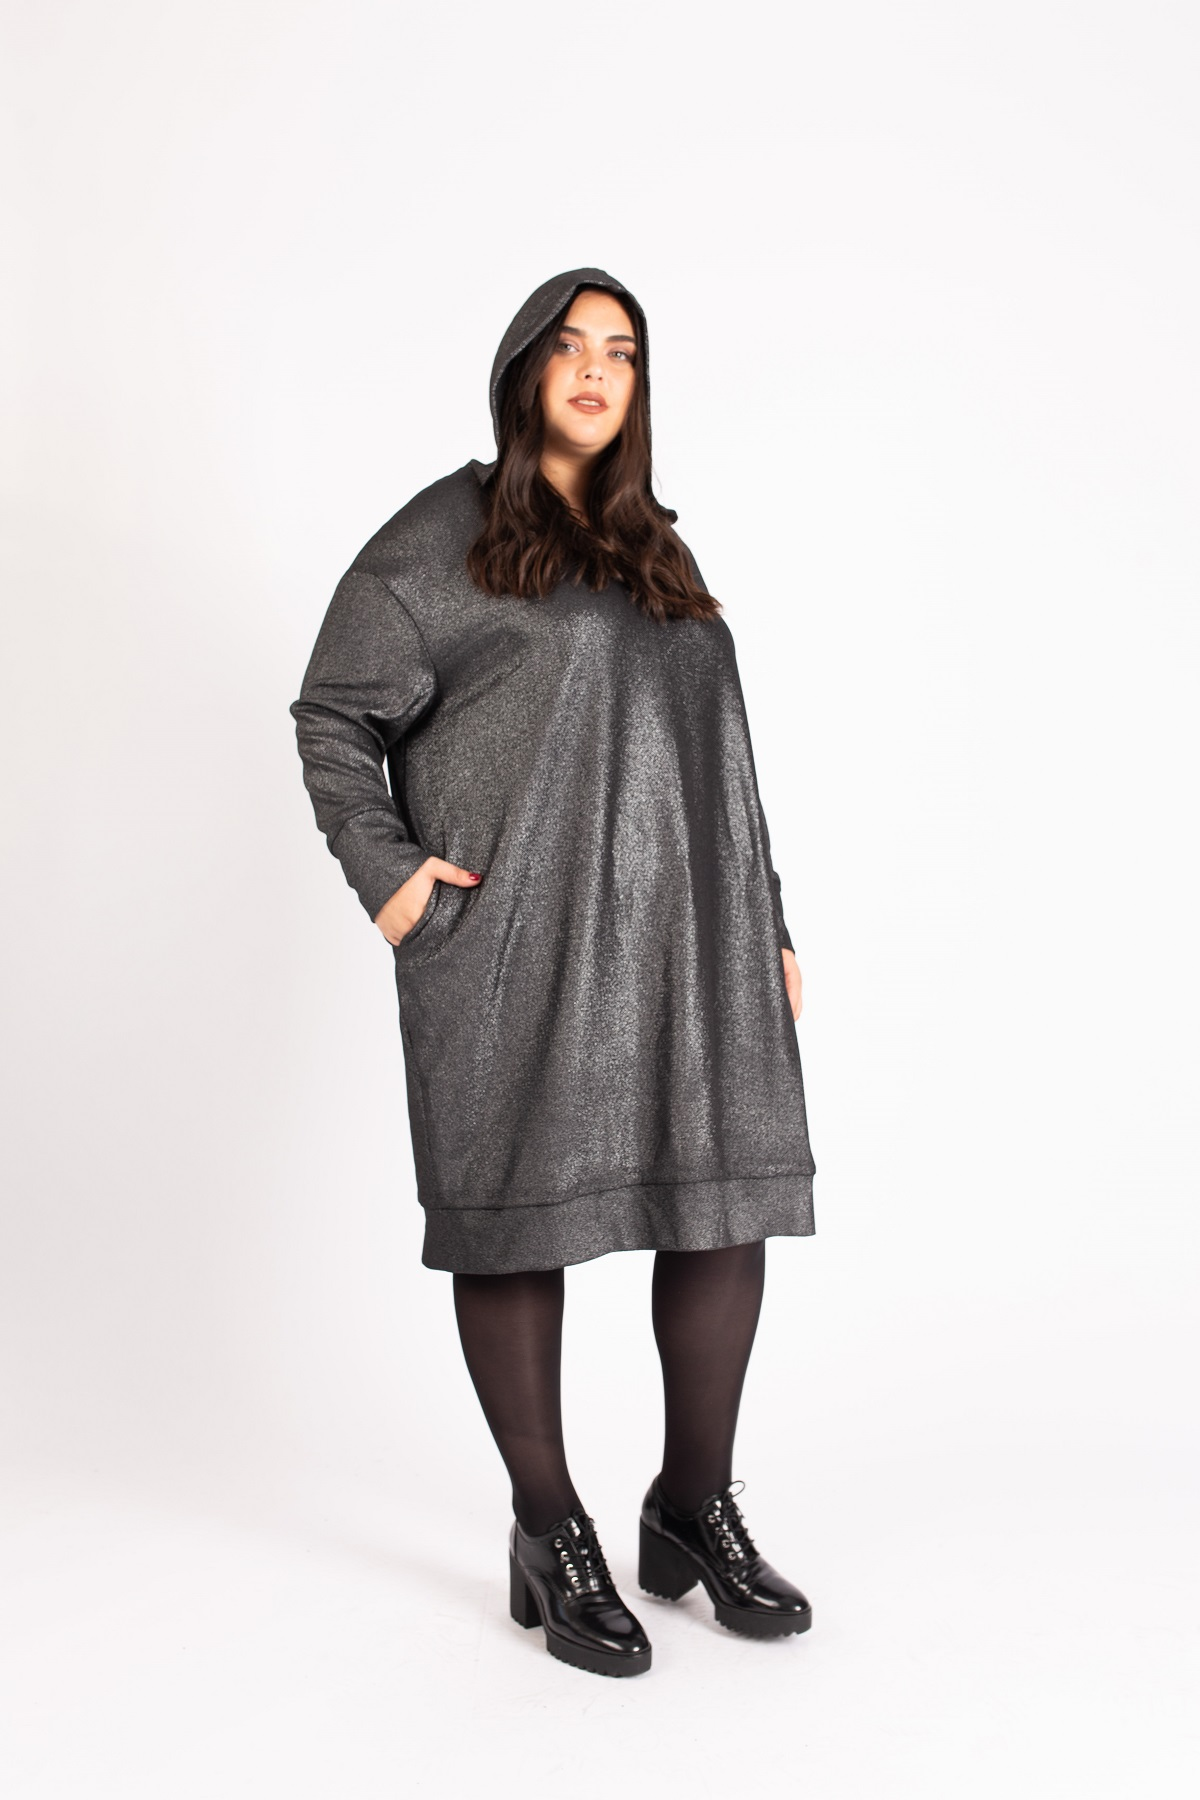 שמלת קפוצון לורקס כהה